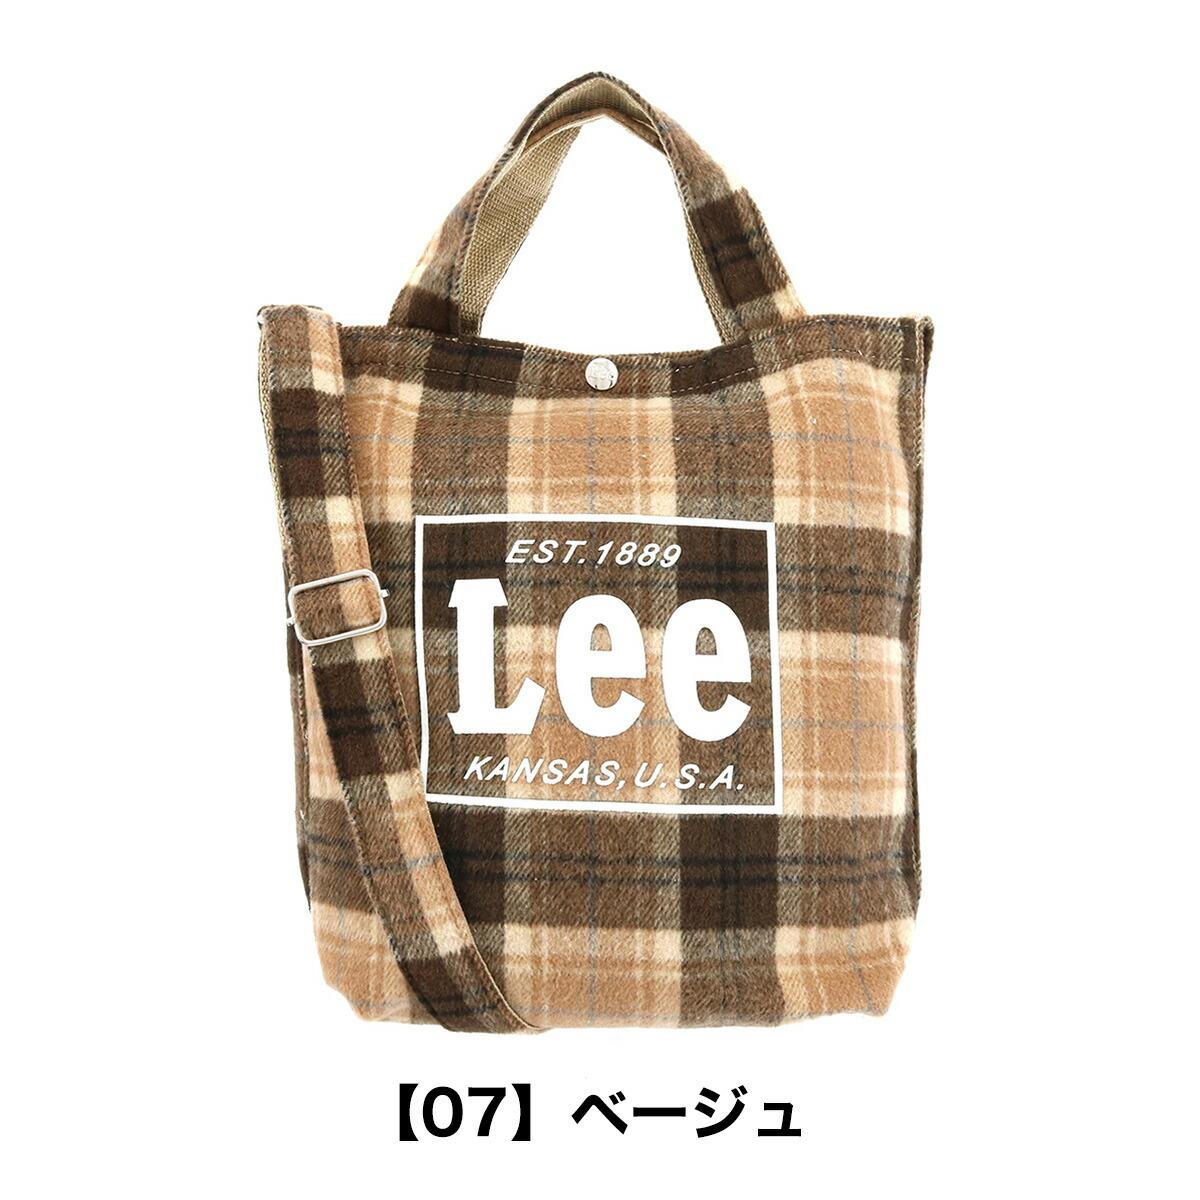 【07】ベージュ